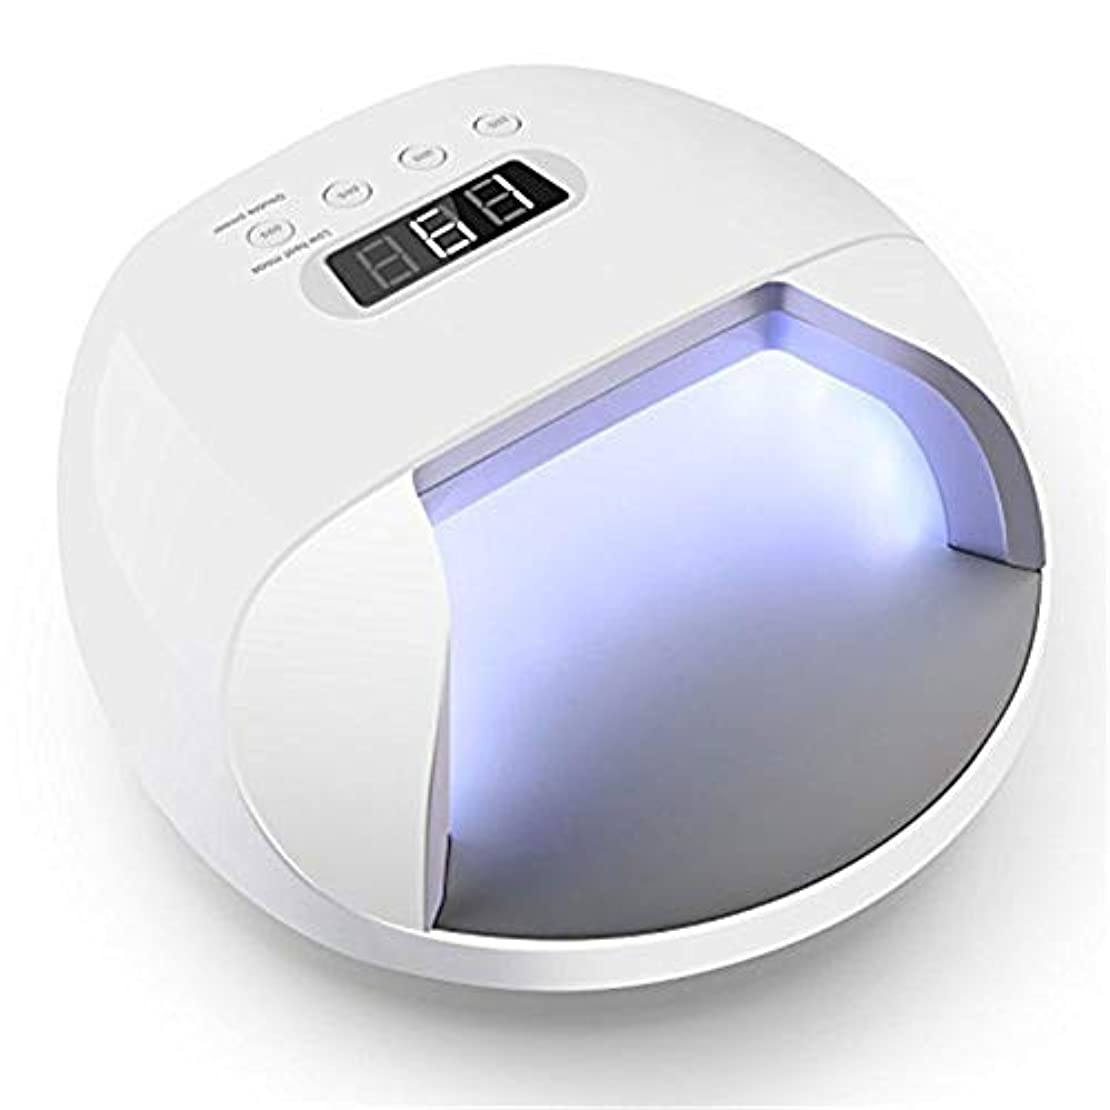 流行こだわり要旨ダブルパワーデザイン、4タイマー設定、液晶ディスプレイ、痛みのない硬化、過熱保護を備えたジェルネイル用UV LEDネイルランプUVライト